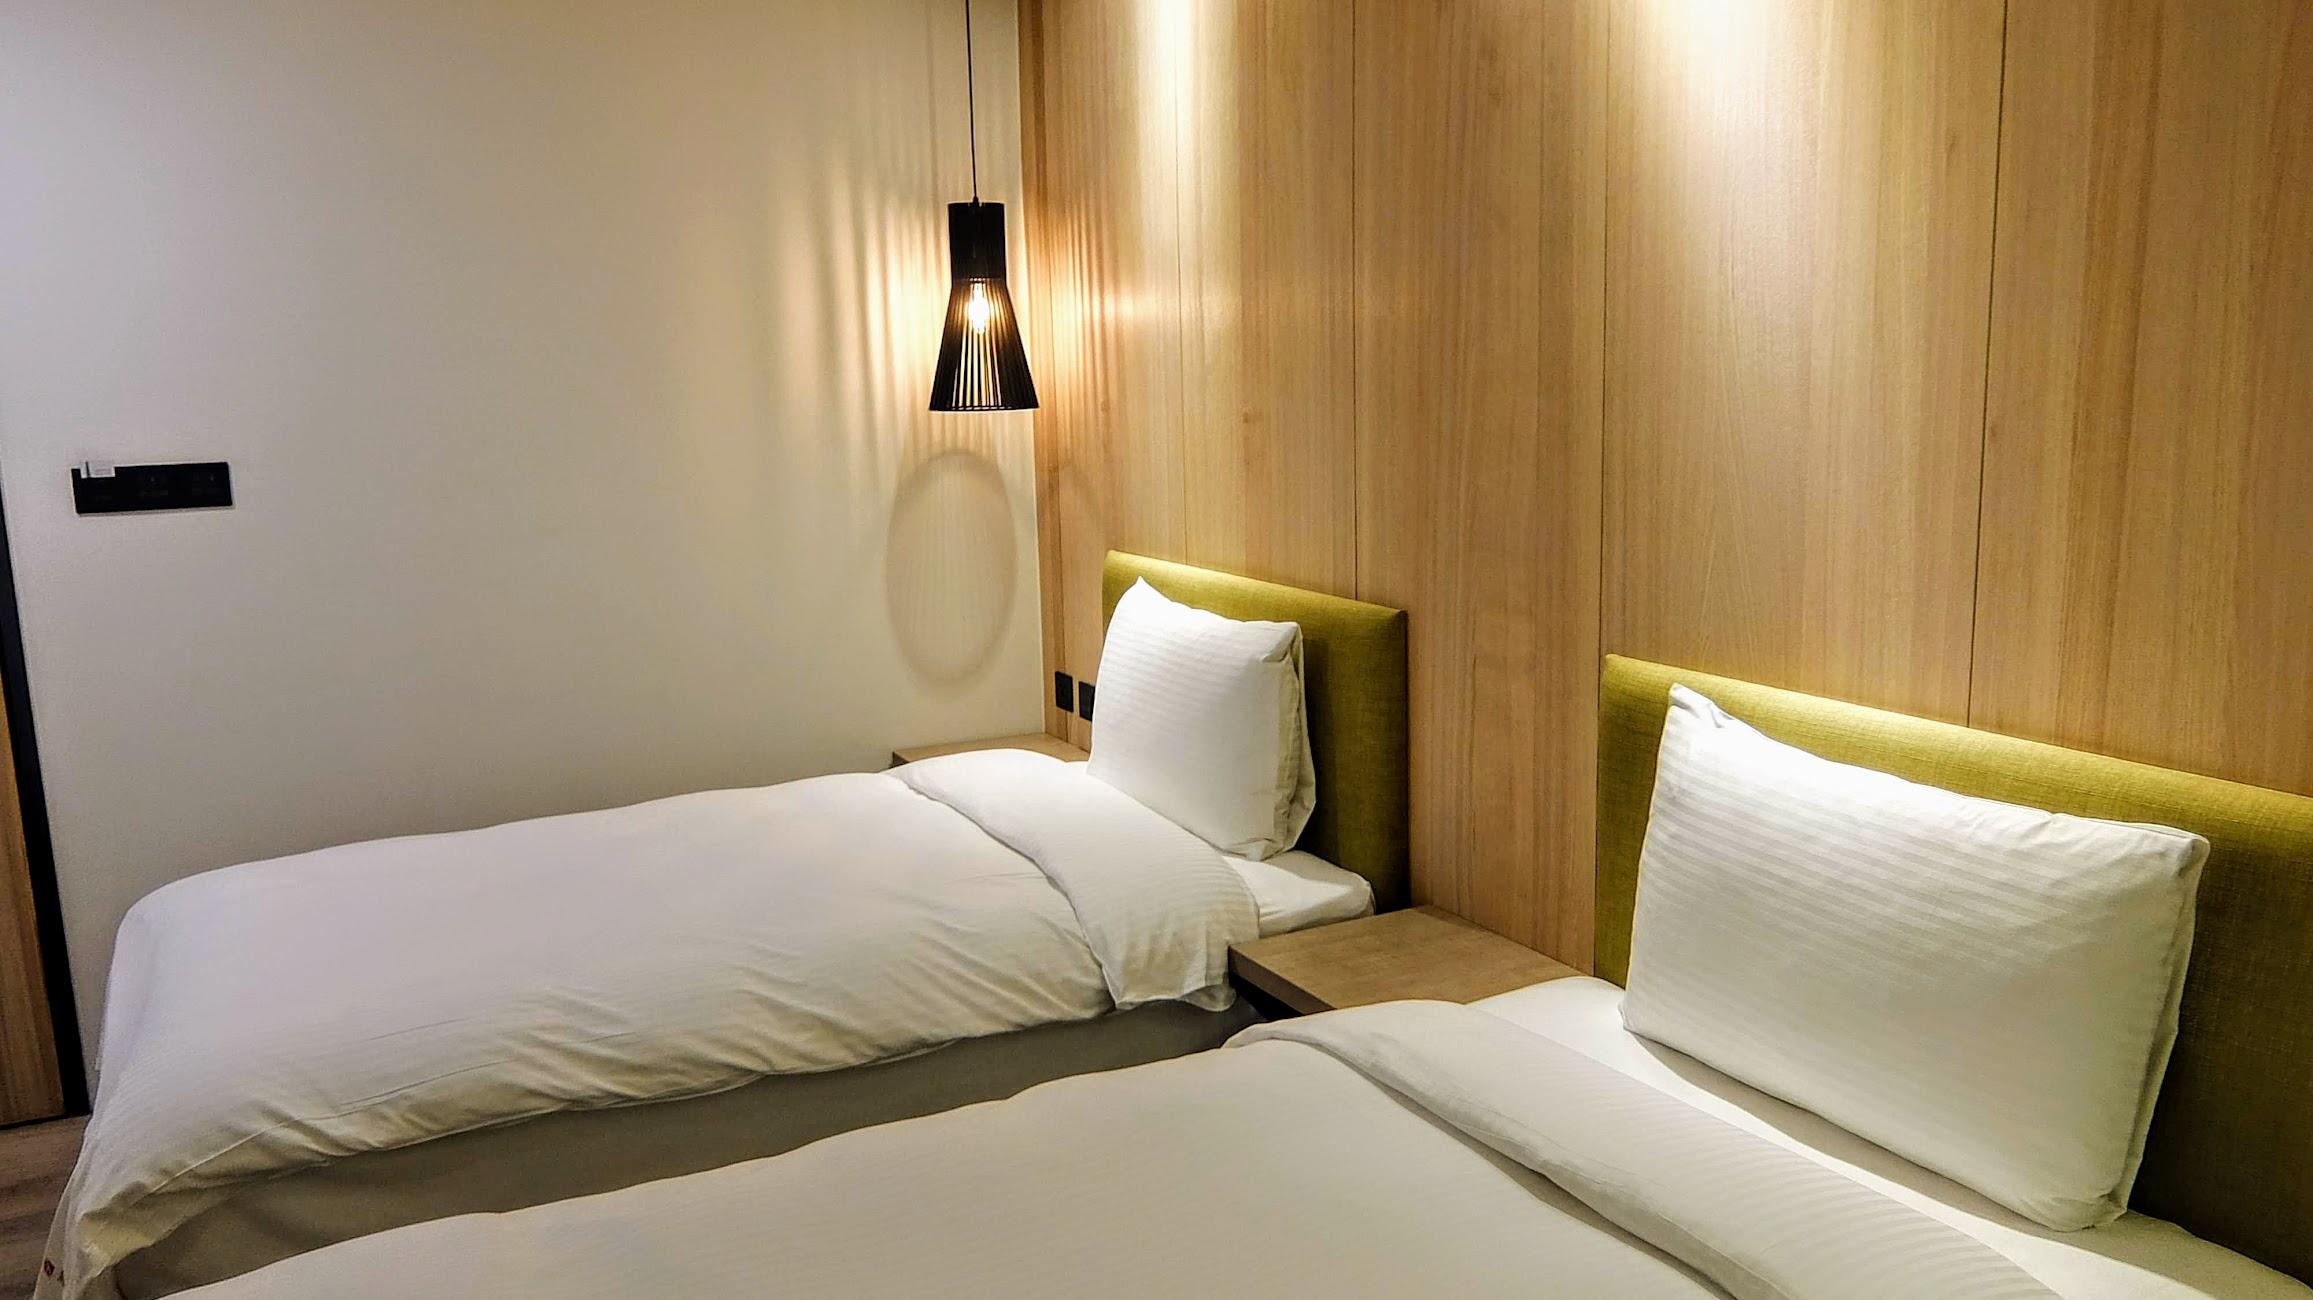 二張單床,床鋪比較硬一些,不過個人接受! 那個棉被有夠熱的,晚上都想踢被子XD